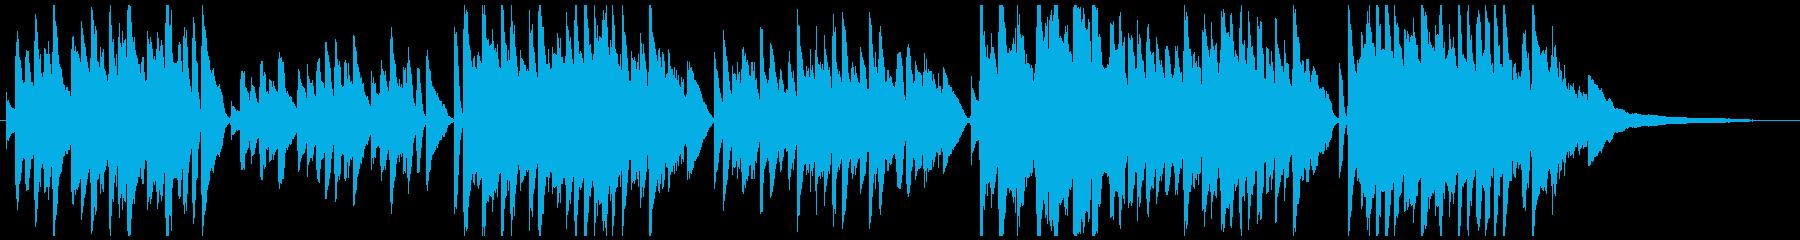 ビバルディ四季「春」シンプルなピアノソロの再生済みの波形